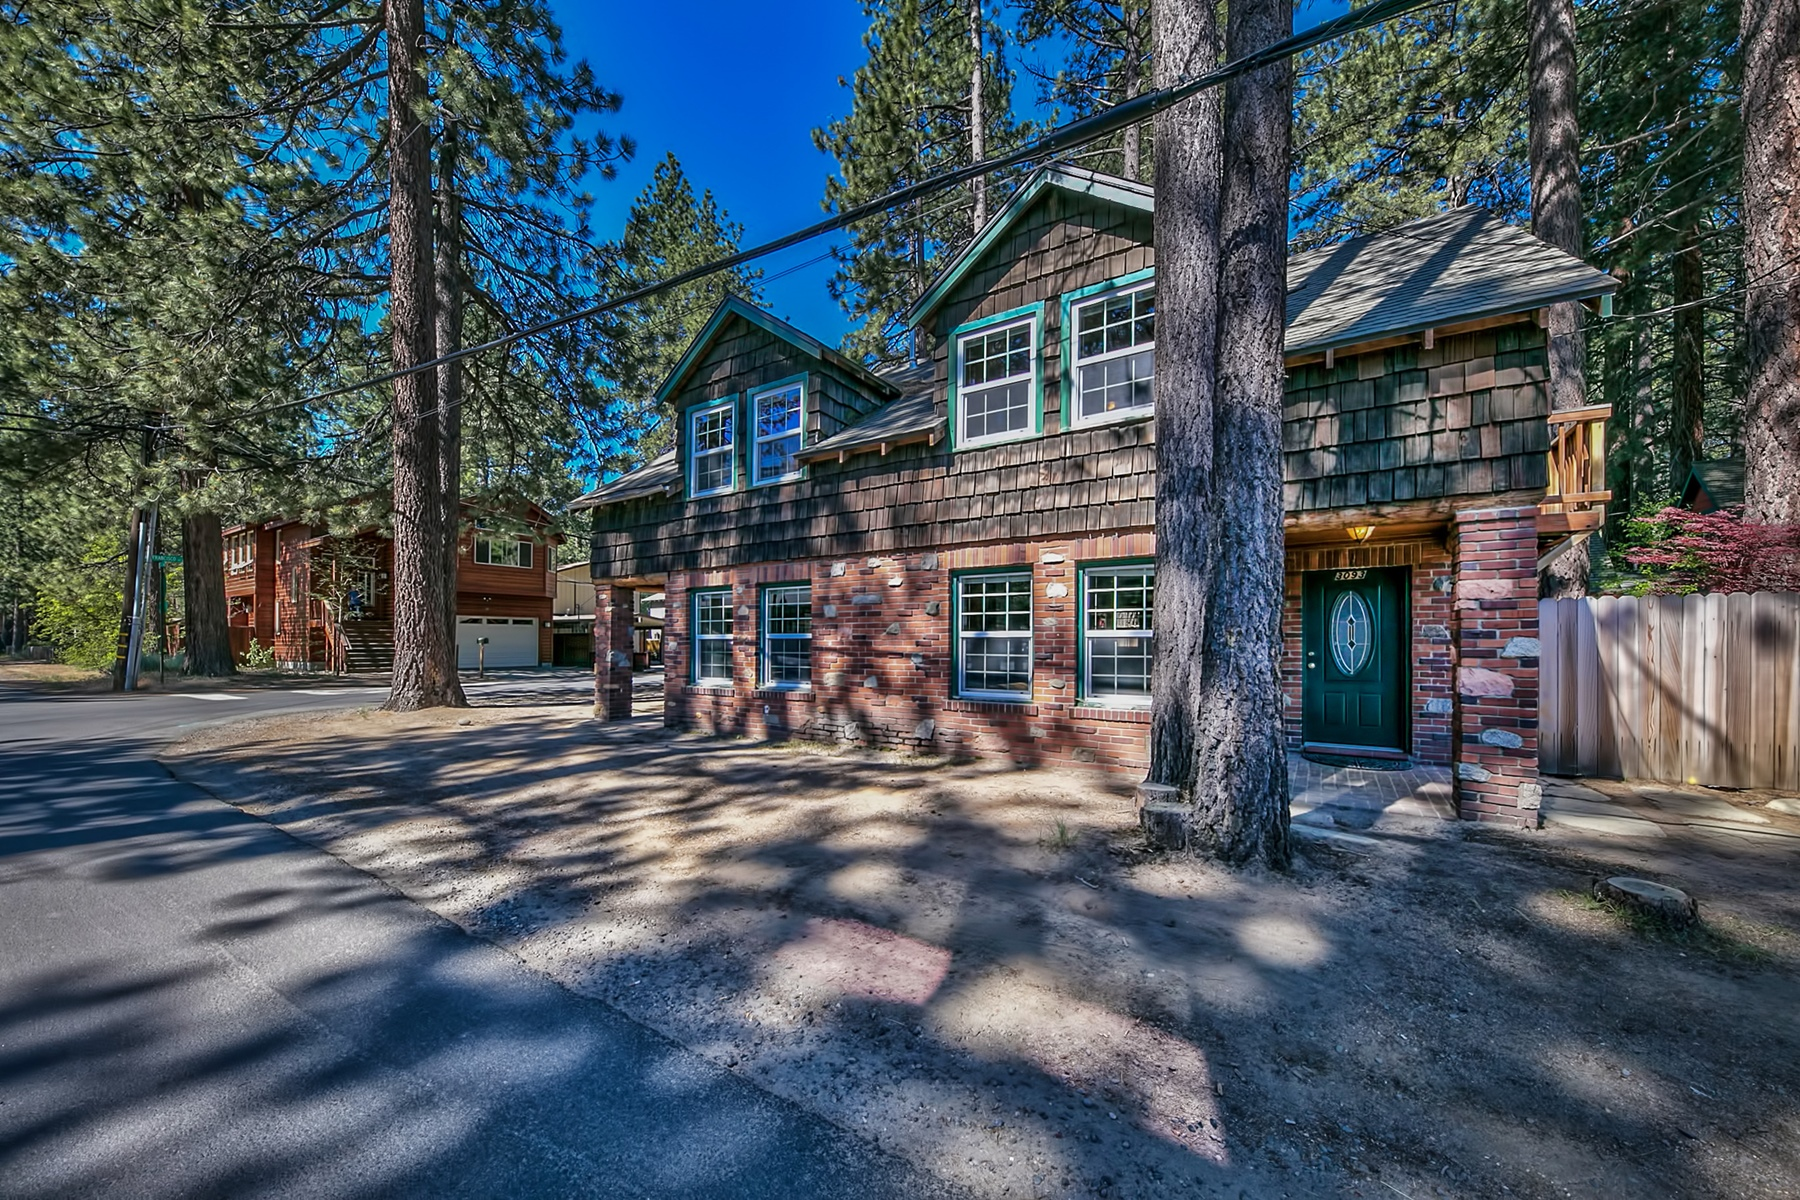 一戸建て のために 売買 アット 3093 Riverside Avenue, South Lake Tahoe, CA South Lake Tahoe, カリフォルニア, 96150 Lake Tahoe, アメリカ合衆国